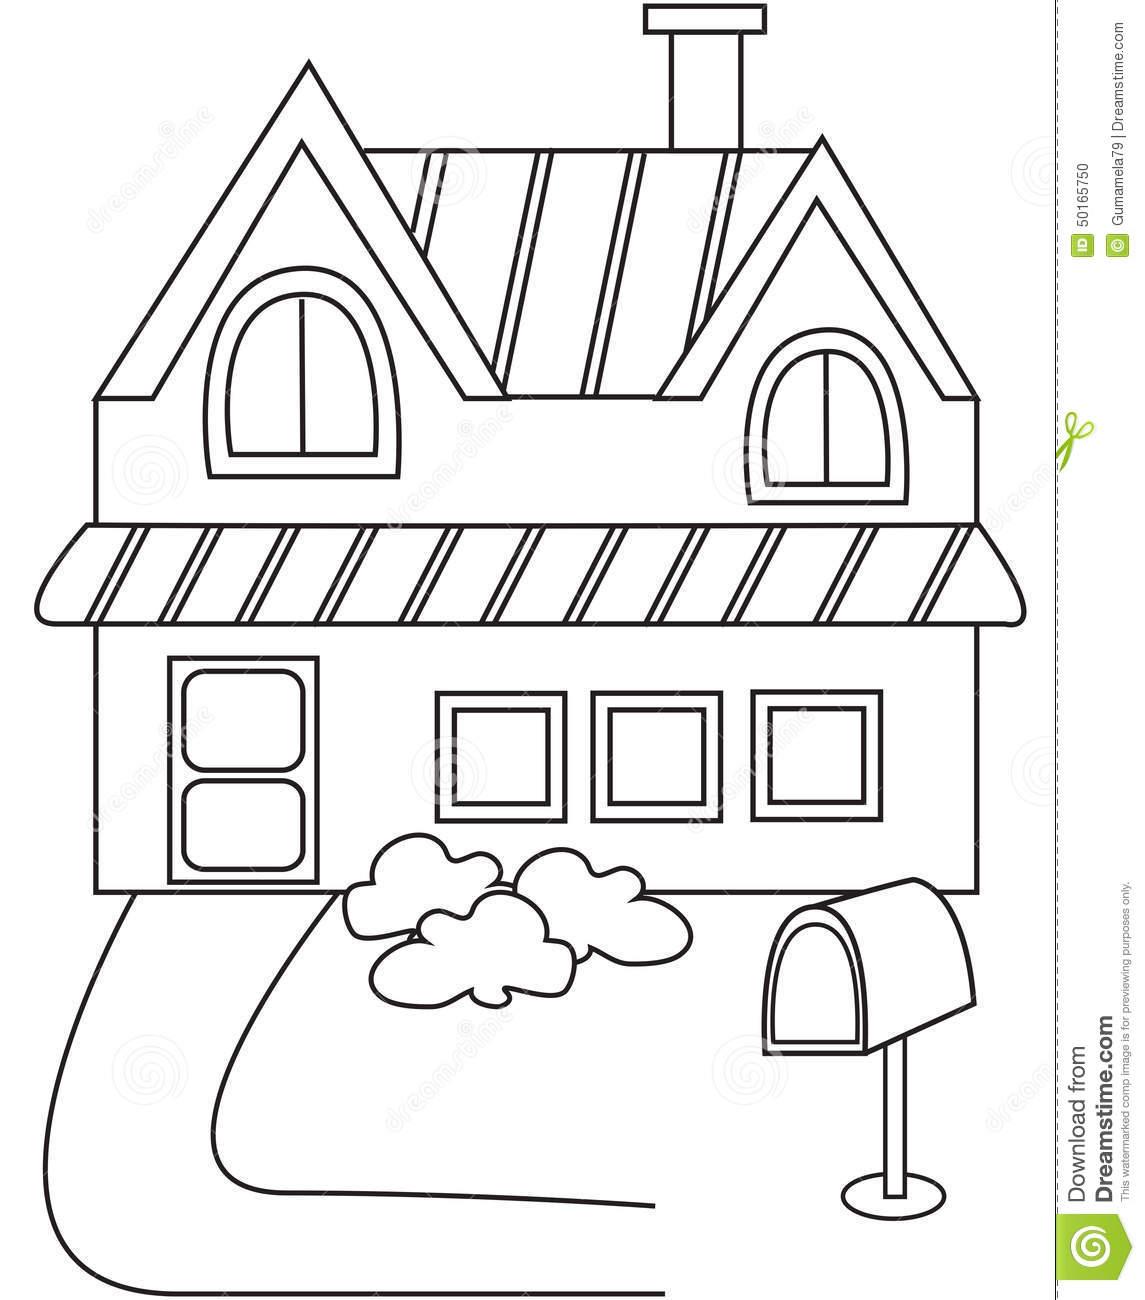 ev boyama sayfalar s n f retmenleri in cretsiz